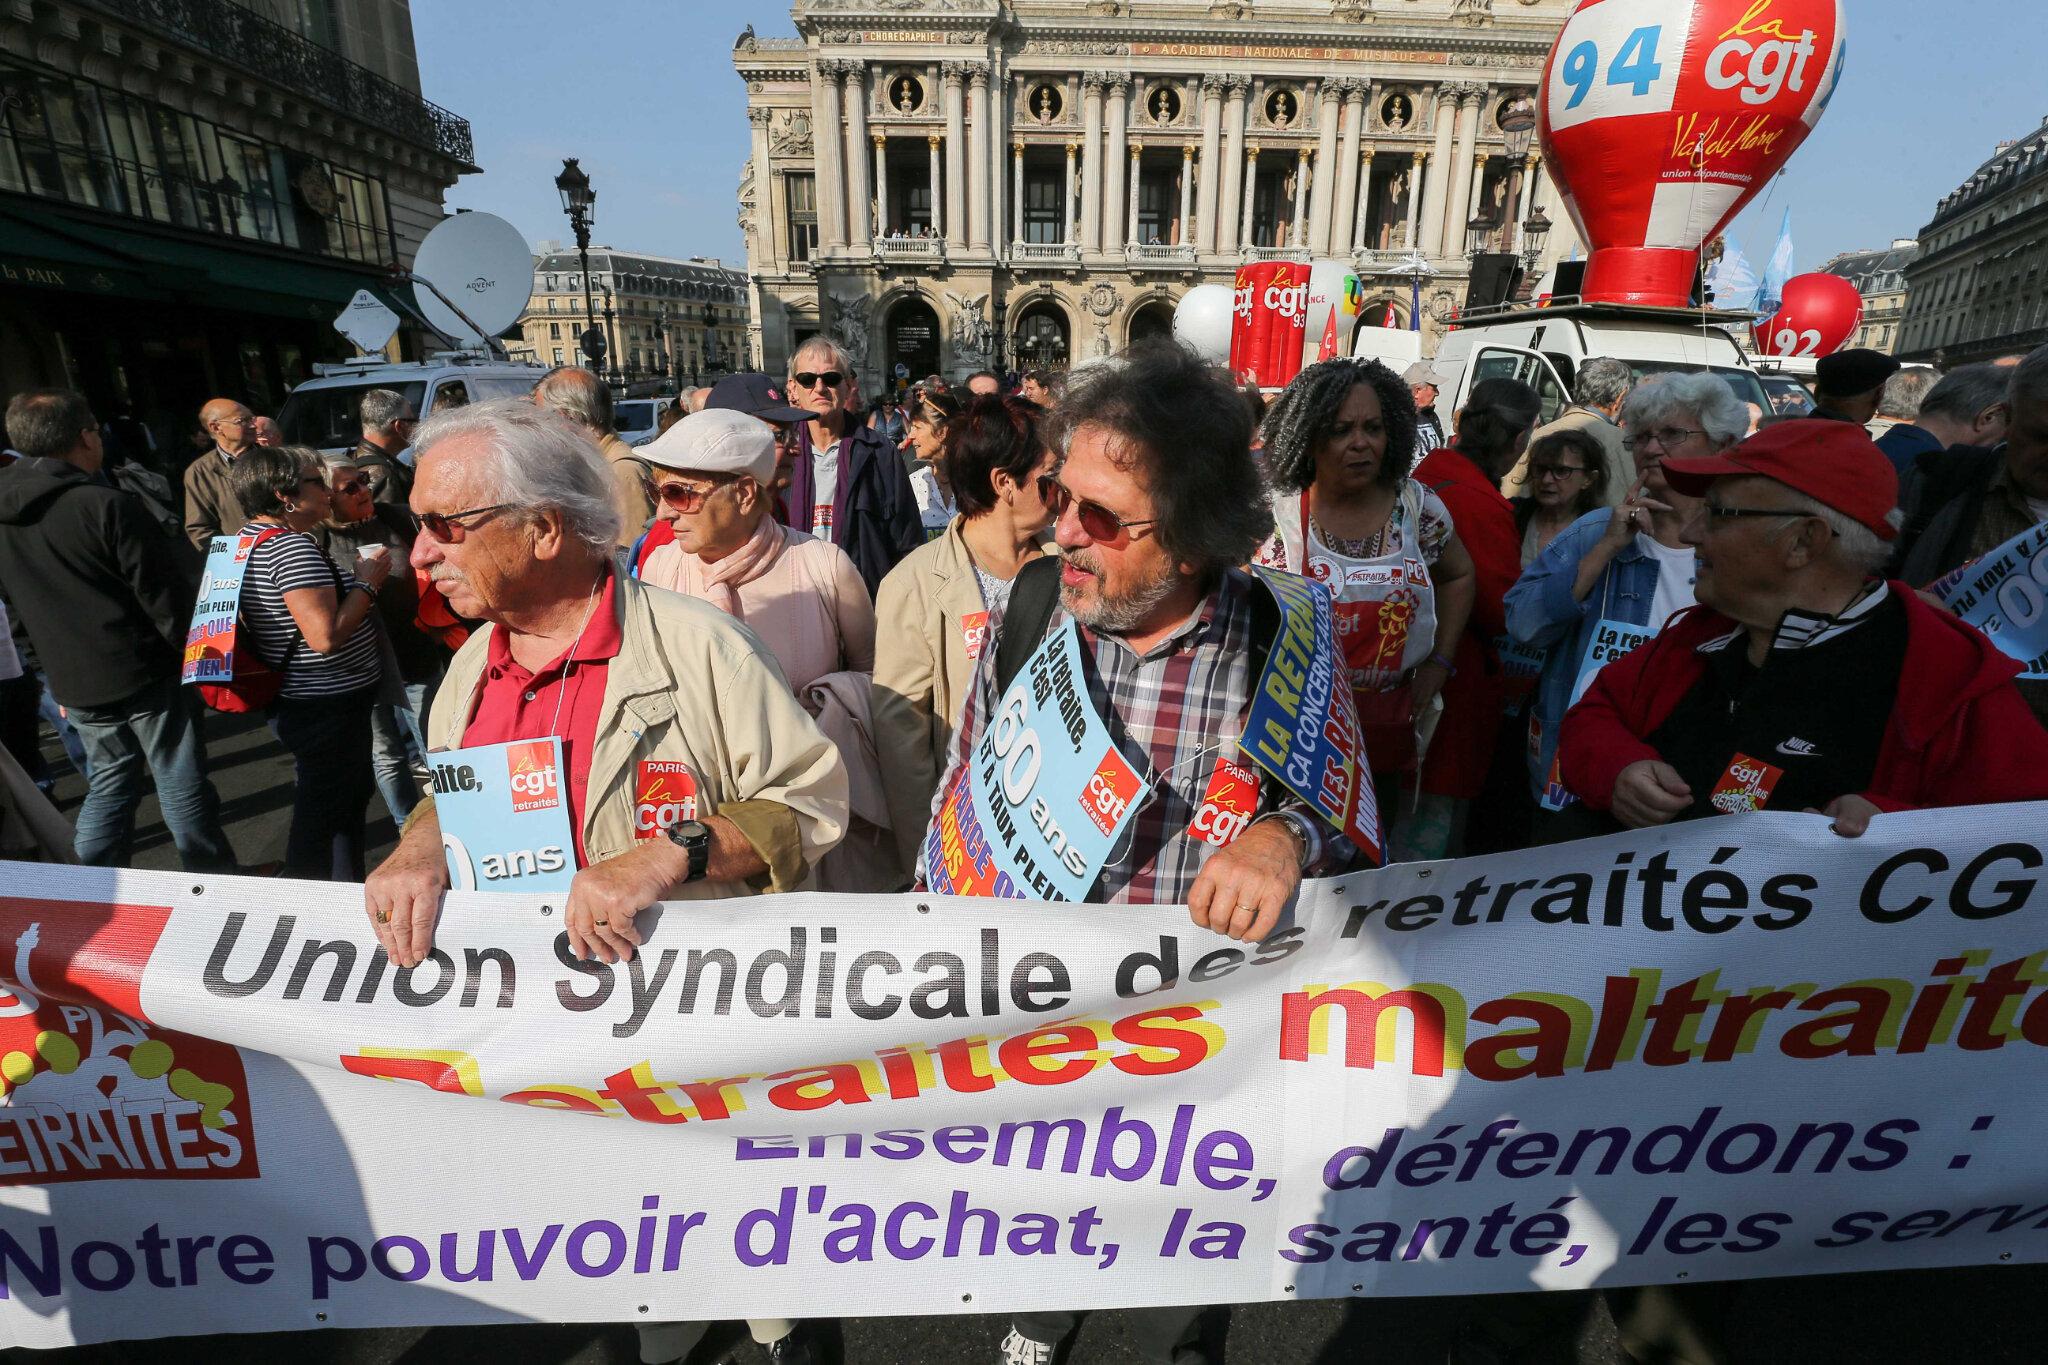 Les retraités manifestent ce jeudi pour défendre leurs « pensions en danger ». © Michel Stoupak. Jeu 18.10.2018, 13h25m42.